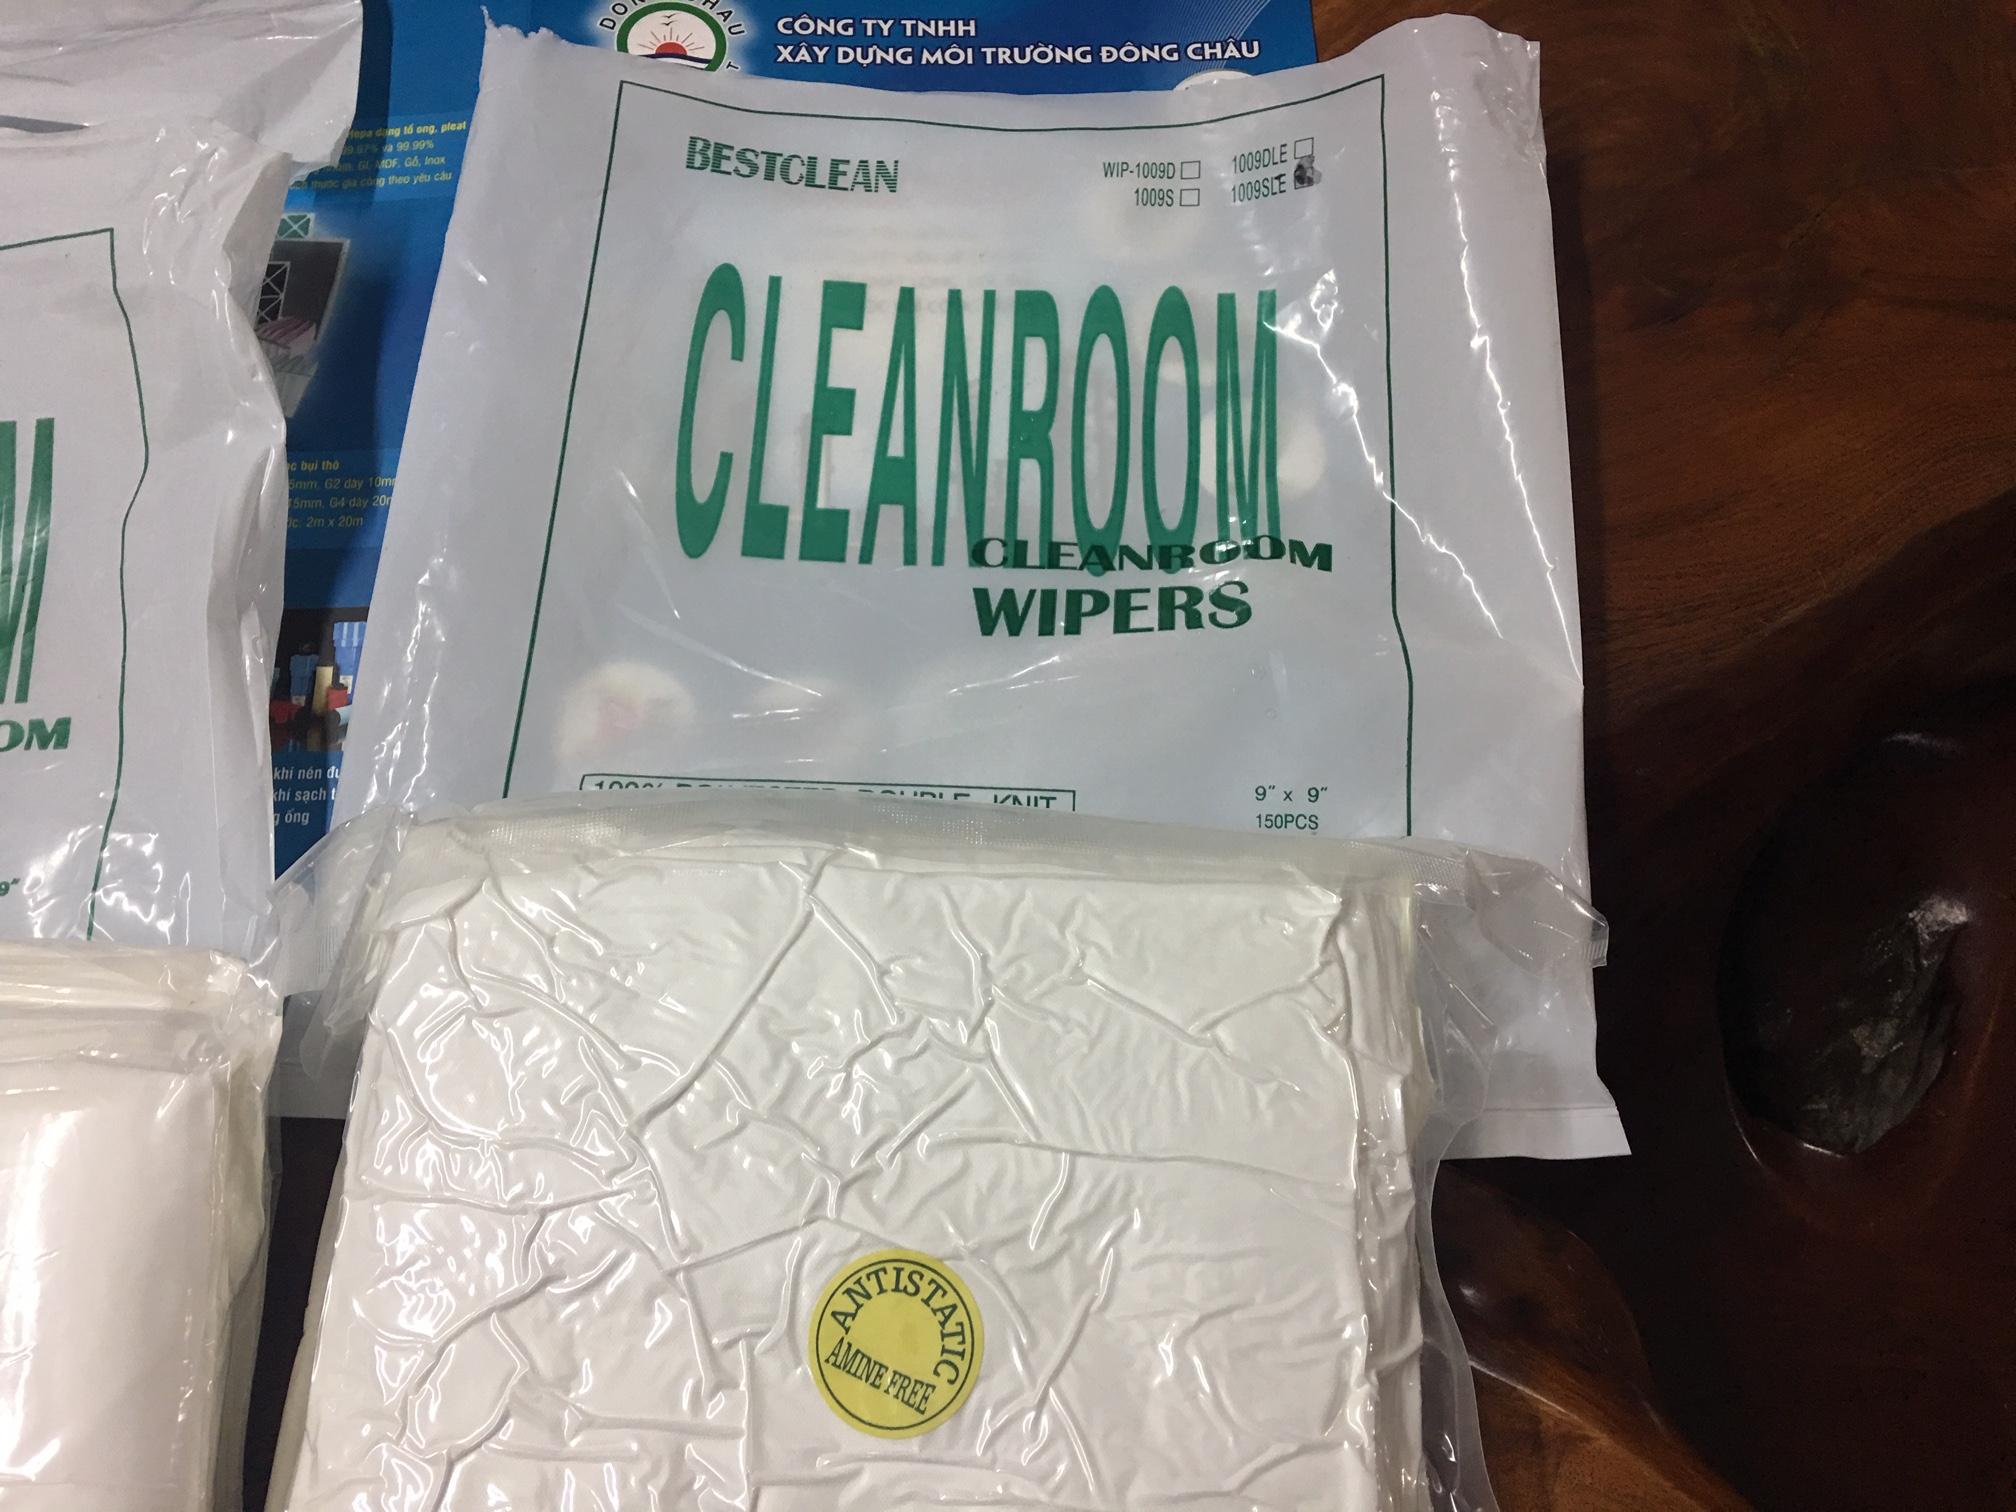 Khăn lau phòng sạch CleanRoom chất lượng